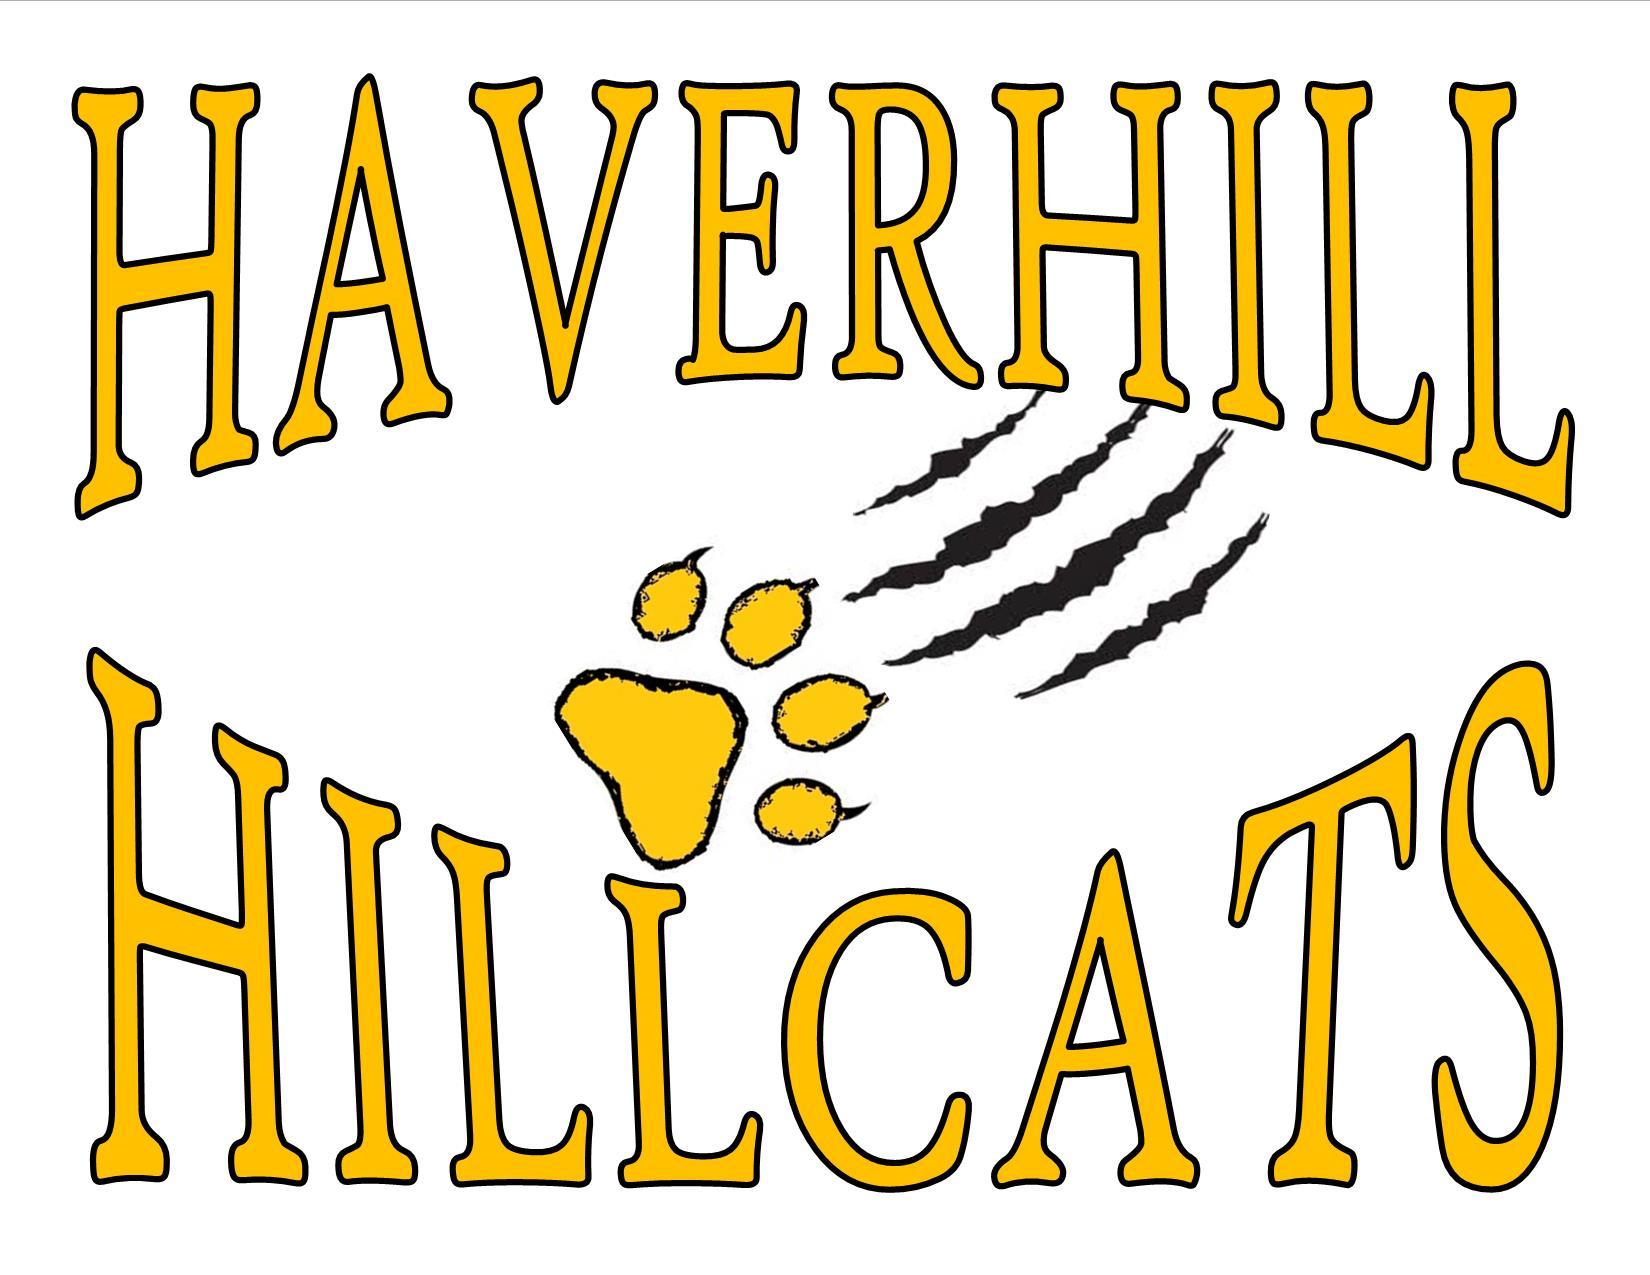 Haverhill Hillcats U14B